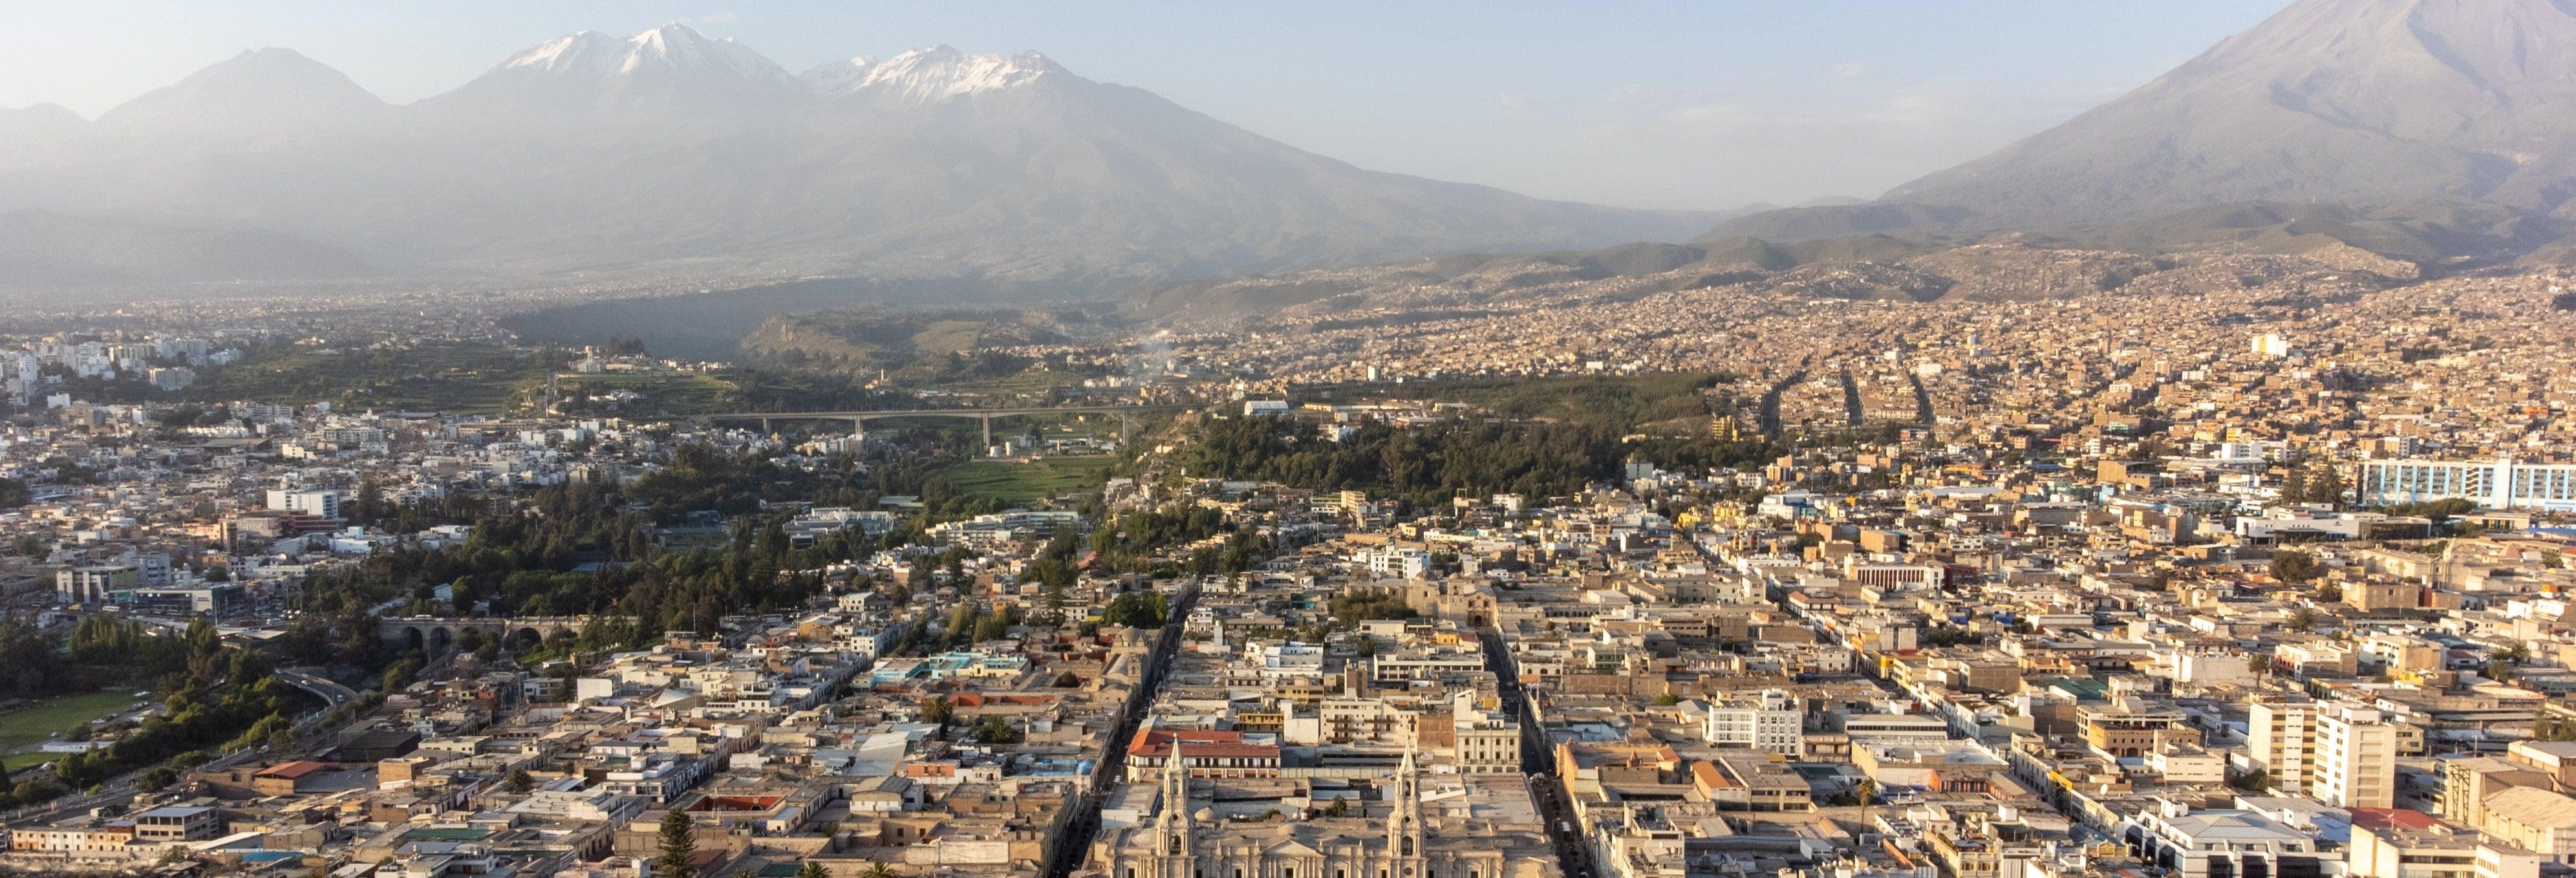 Tour panorámico por Arequipa